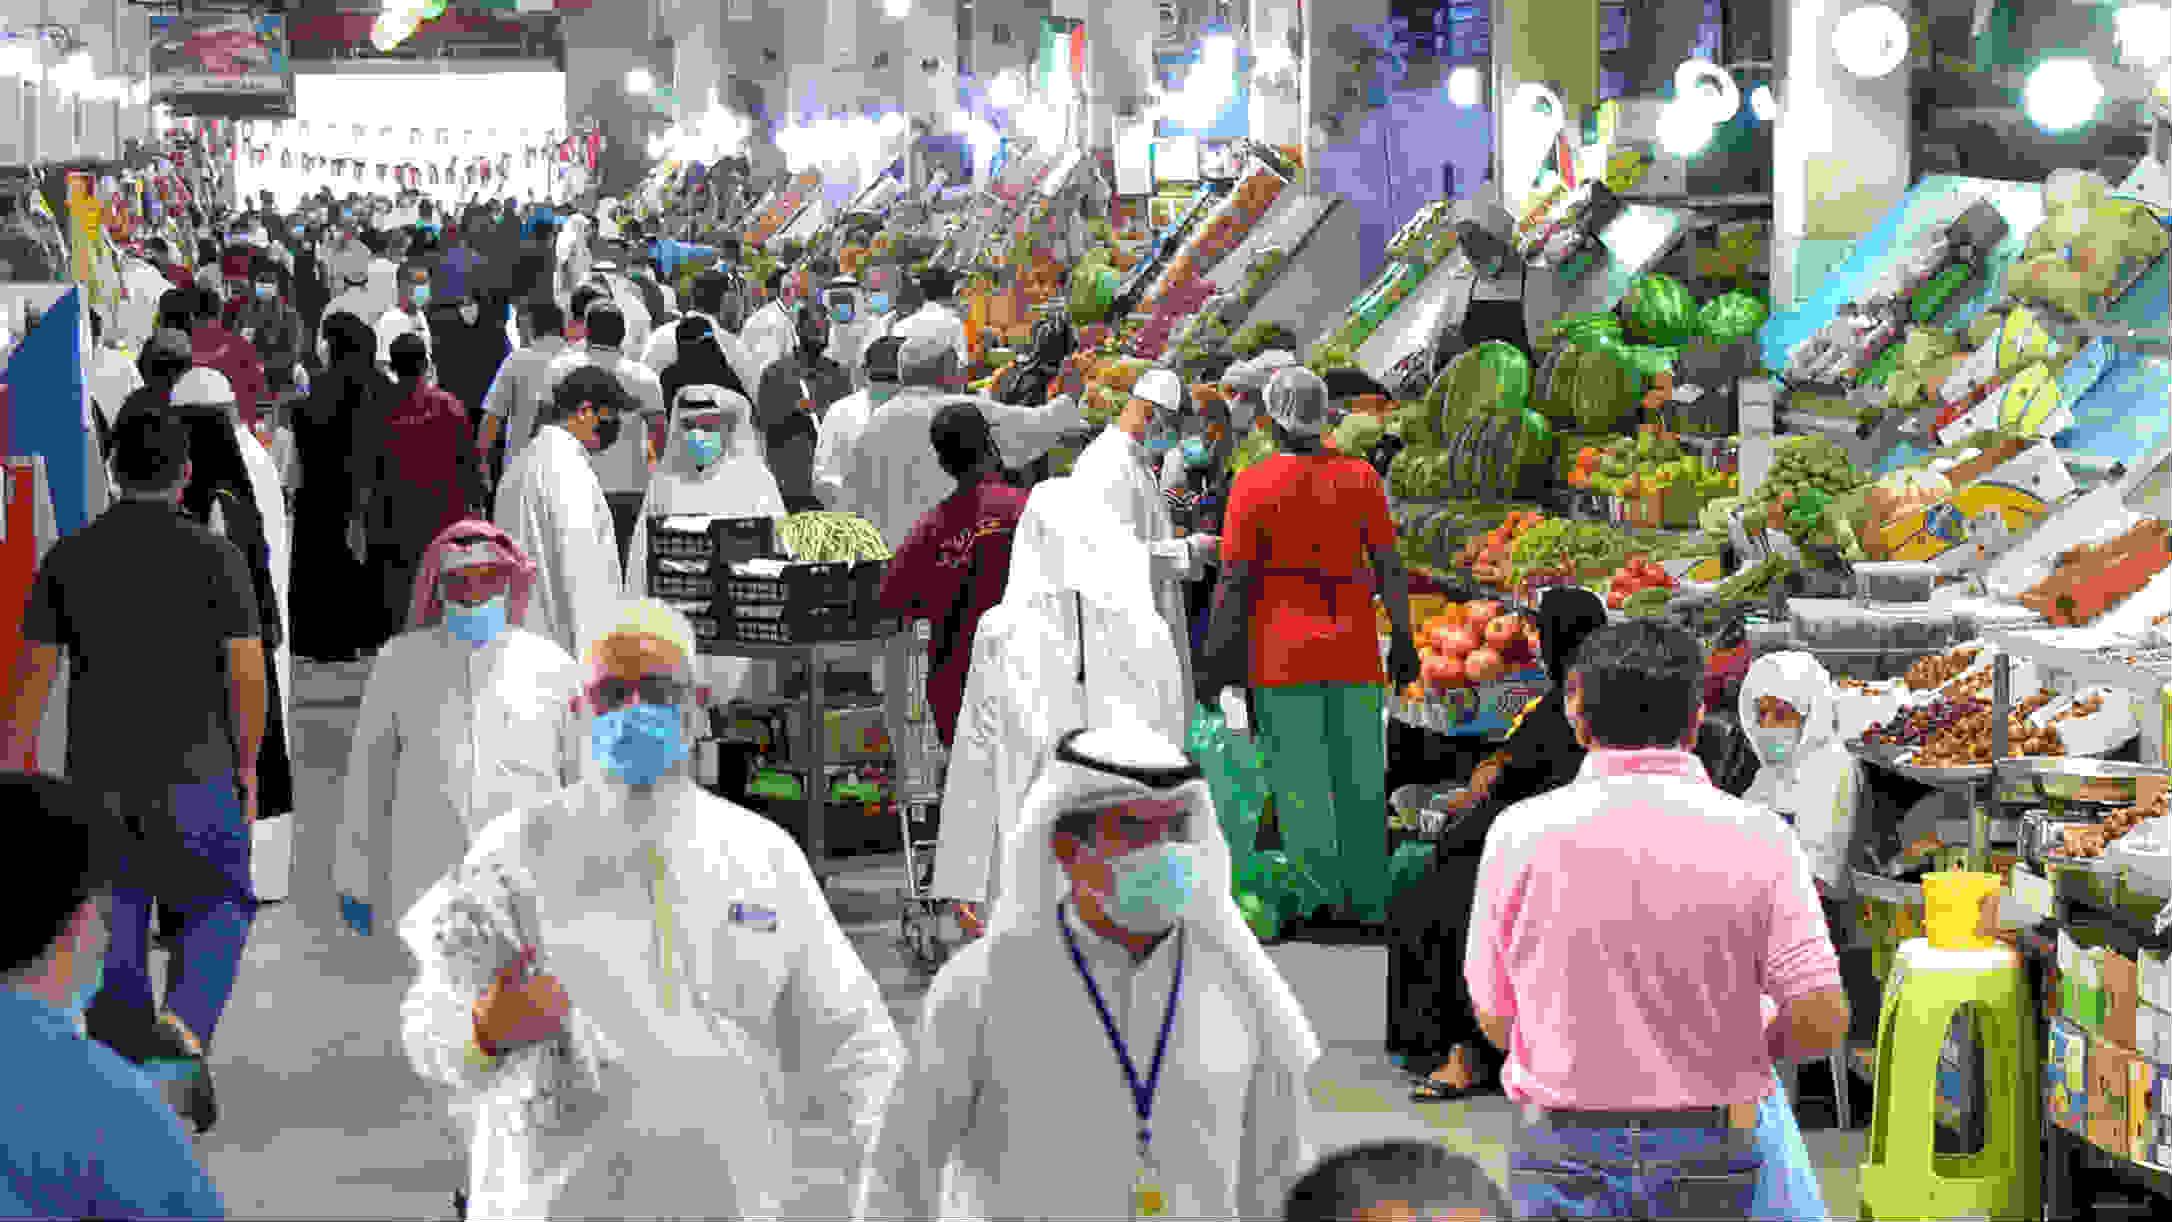 百万亚洲劳工将撤离中东返乡 输出国和输入国经济雪上加霜